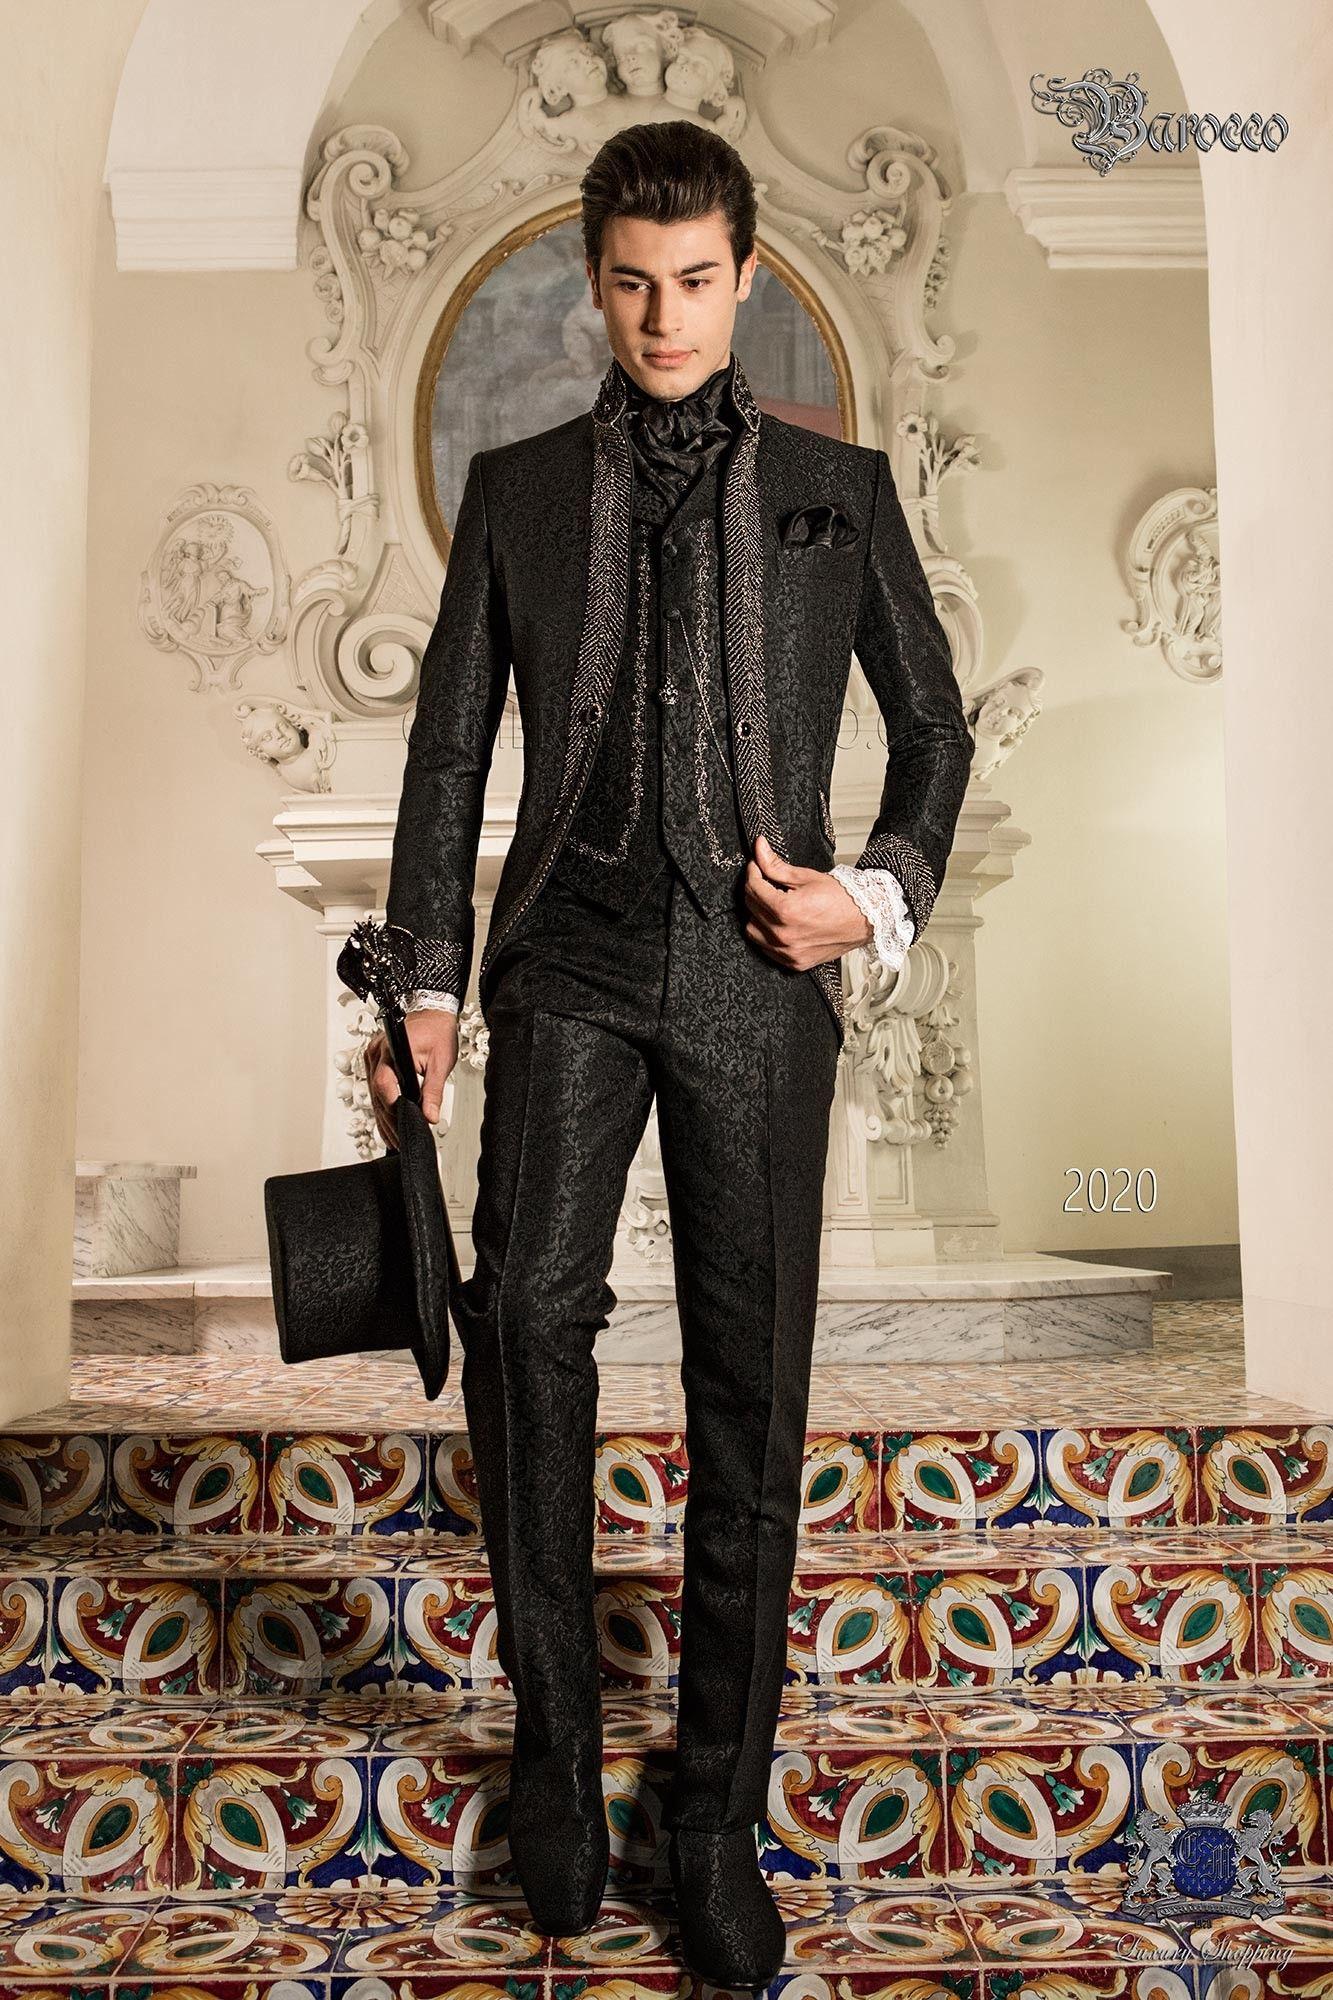 Barocke Hochzeitsanzug Vintage Gehrock In Schwarzem Brokat Stoff